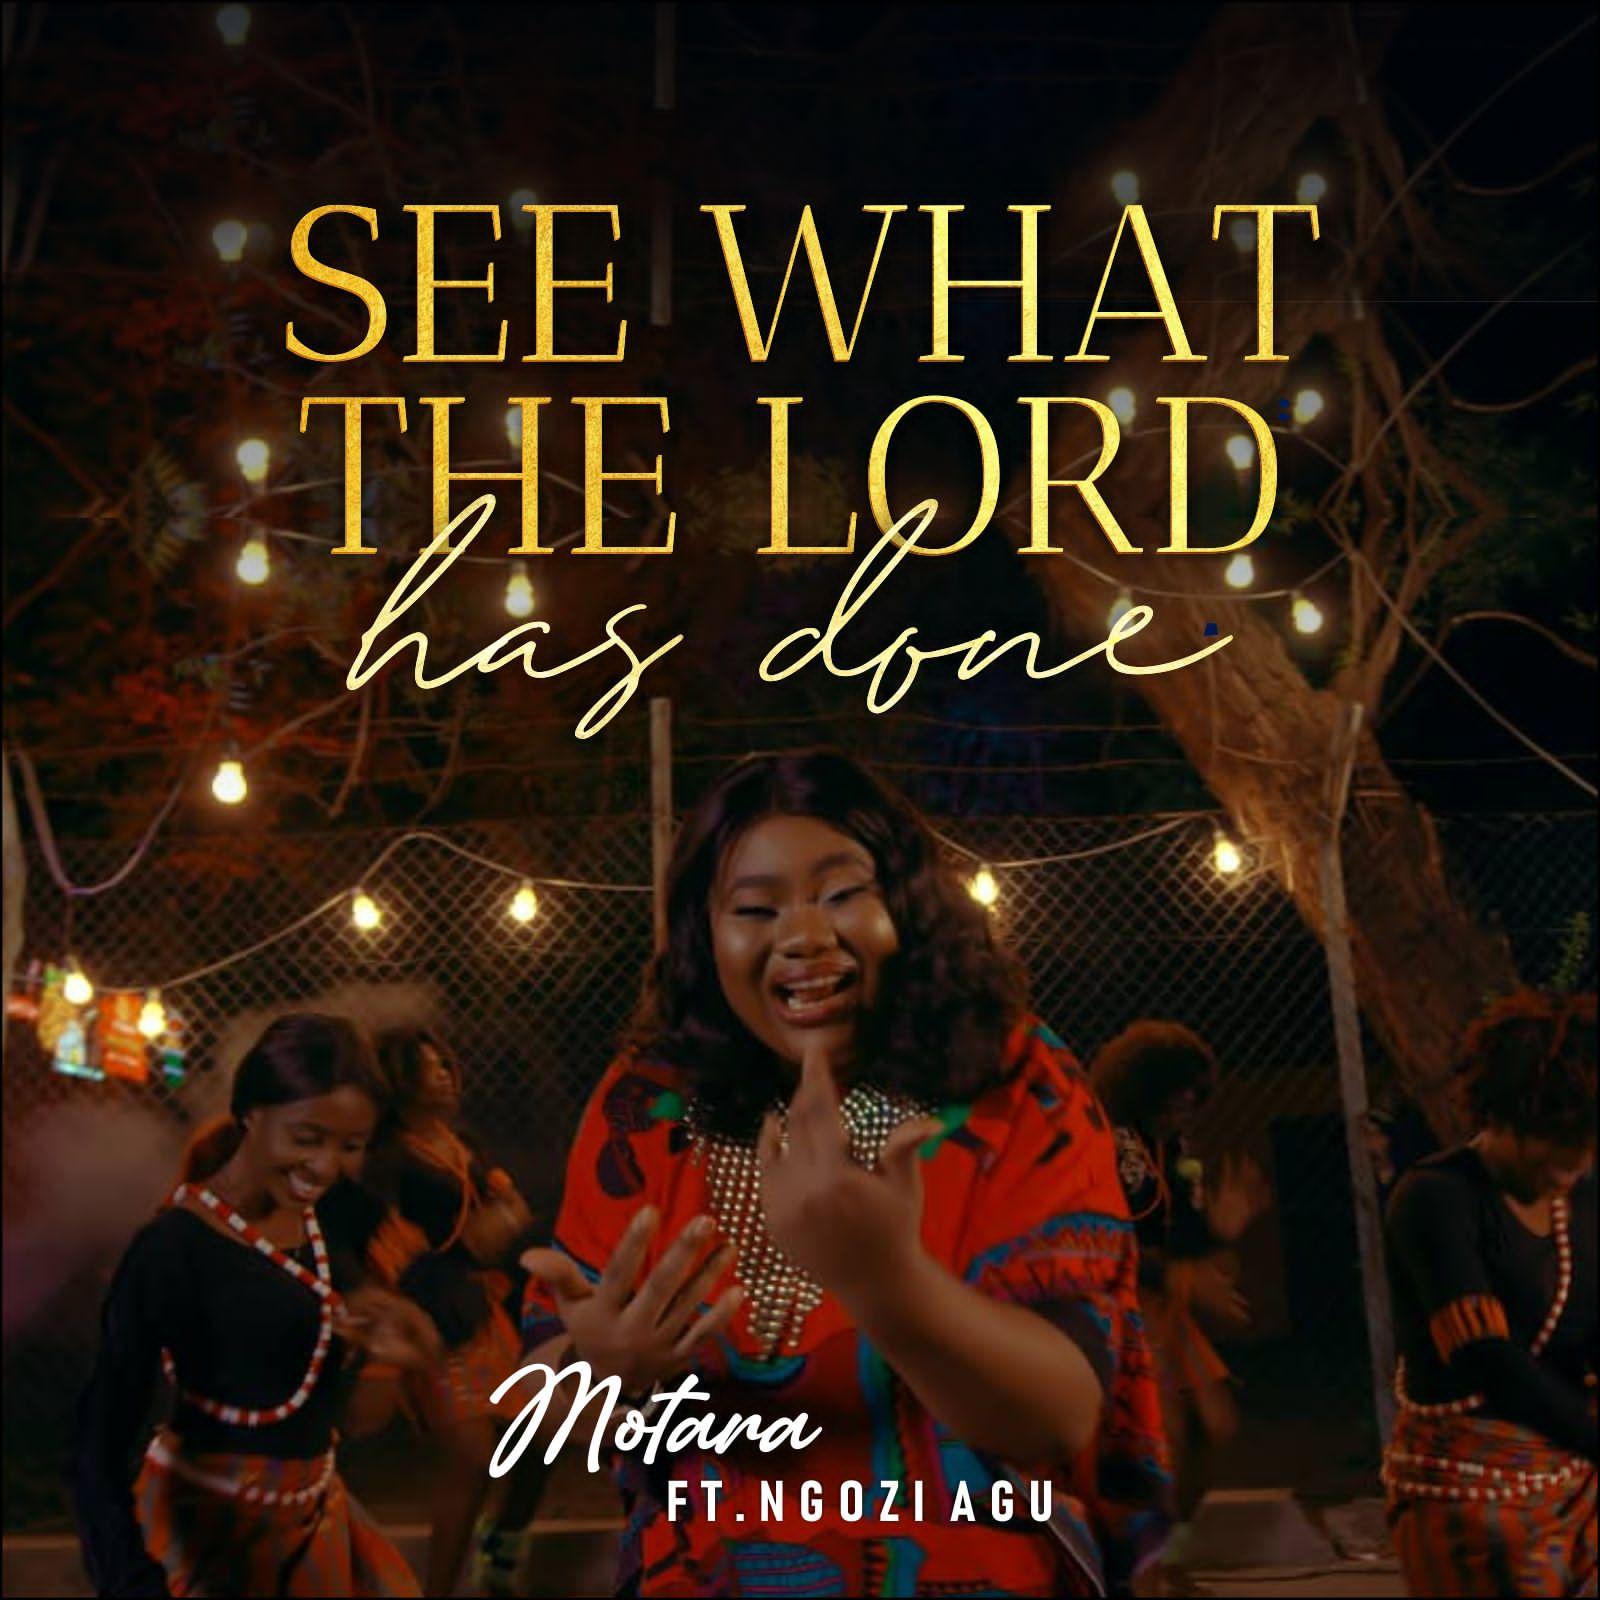 Motara - See What The Lord Has Done ft. Ngozi Agu